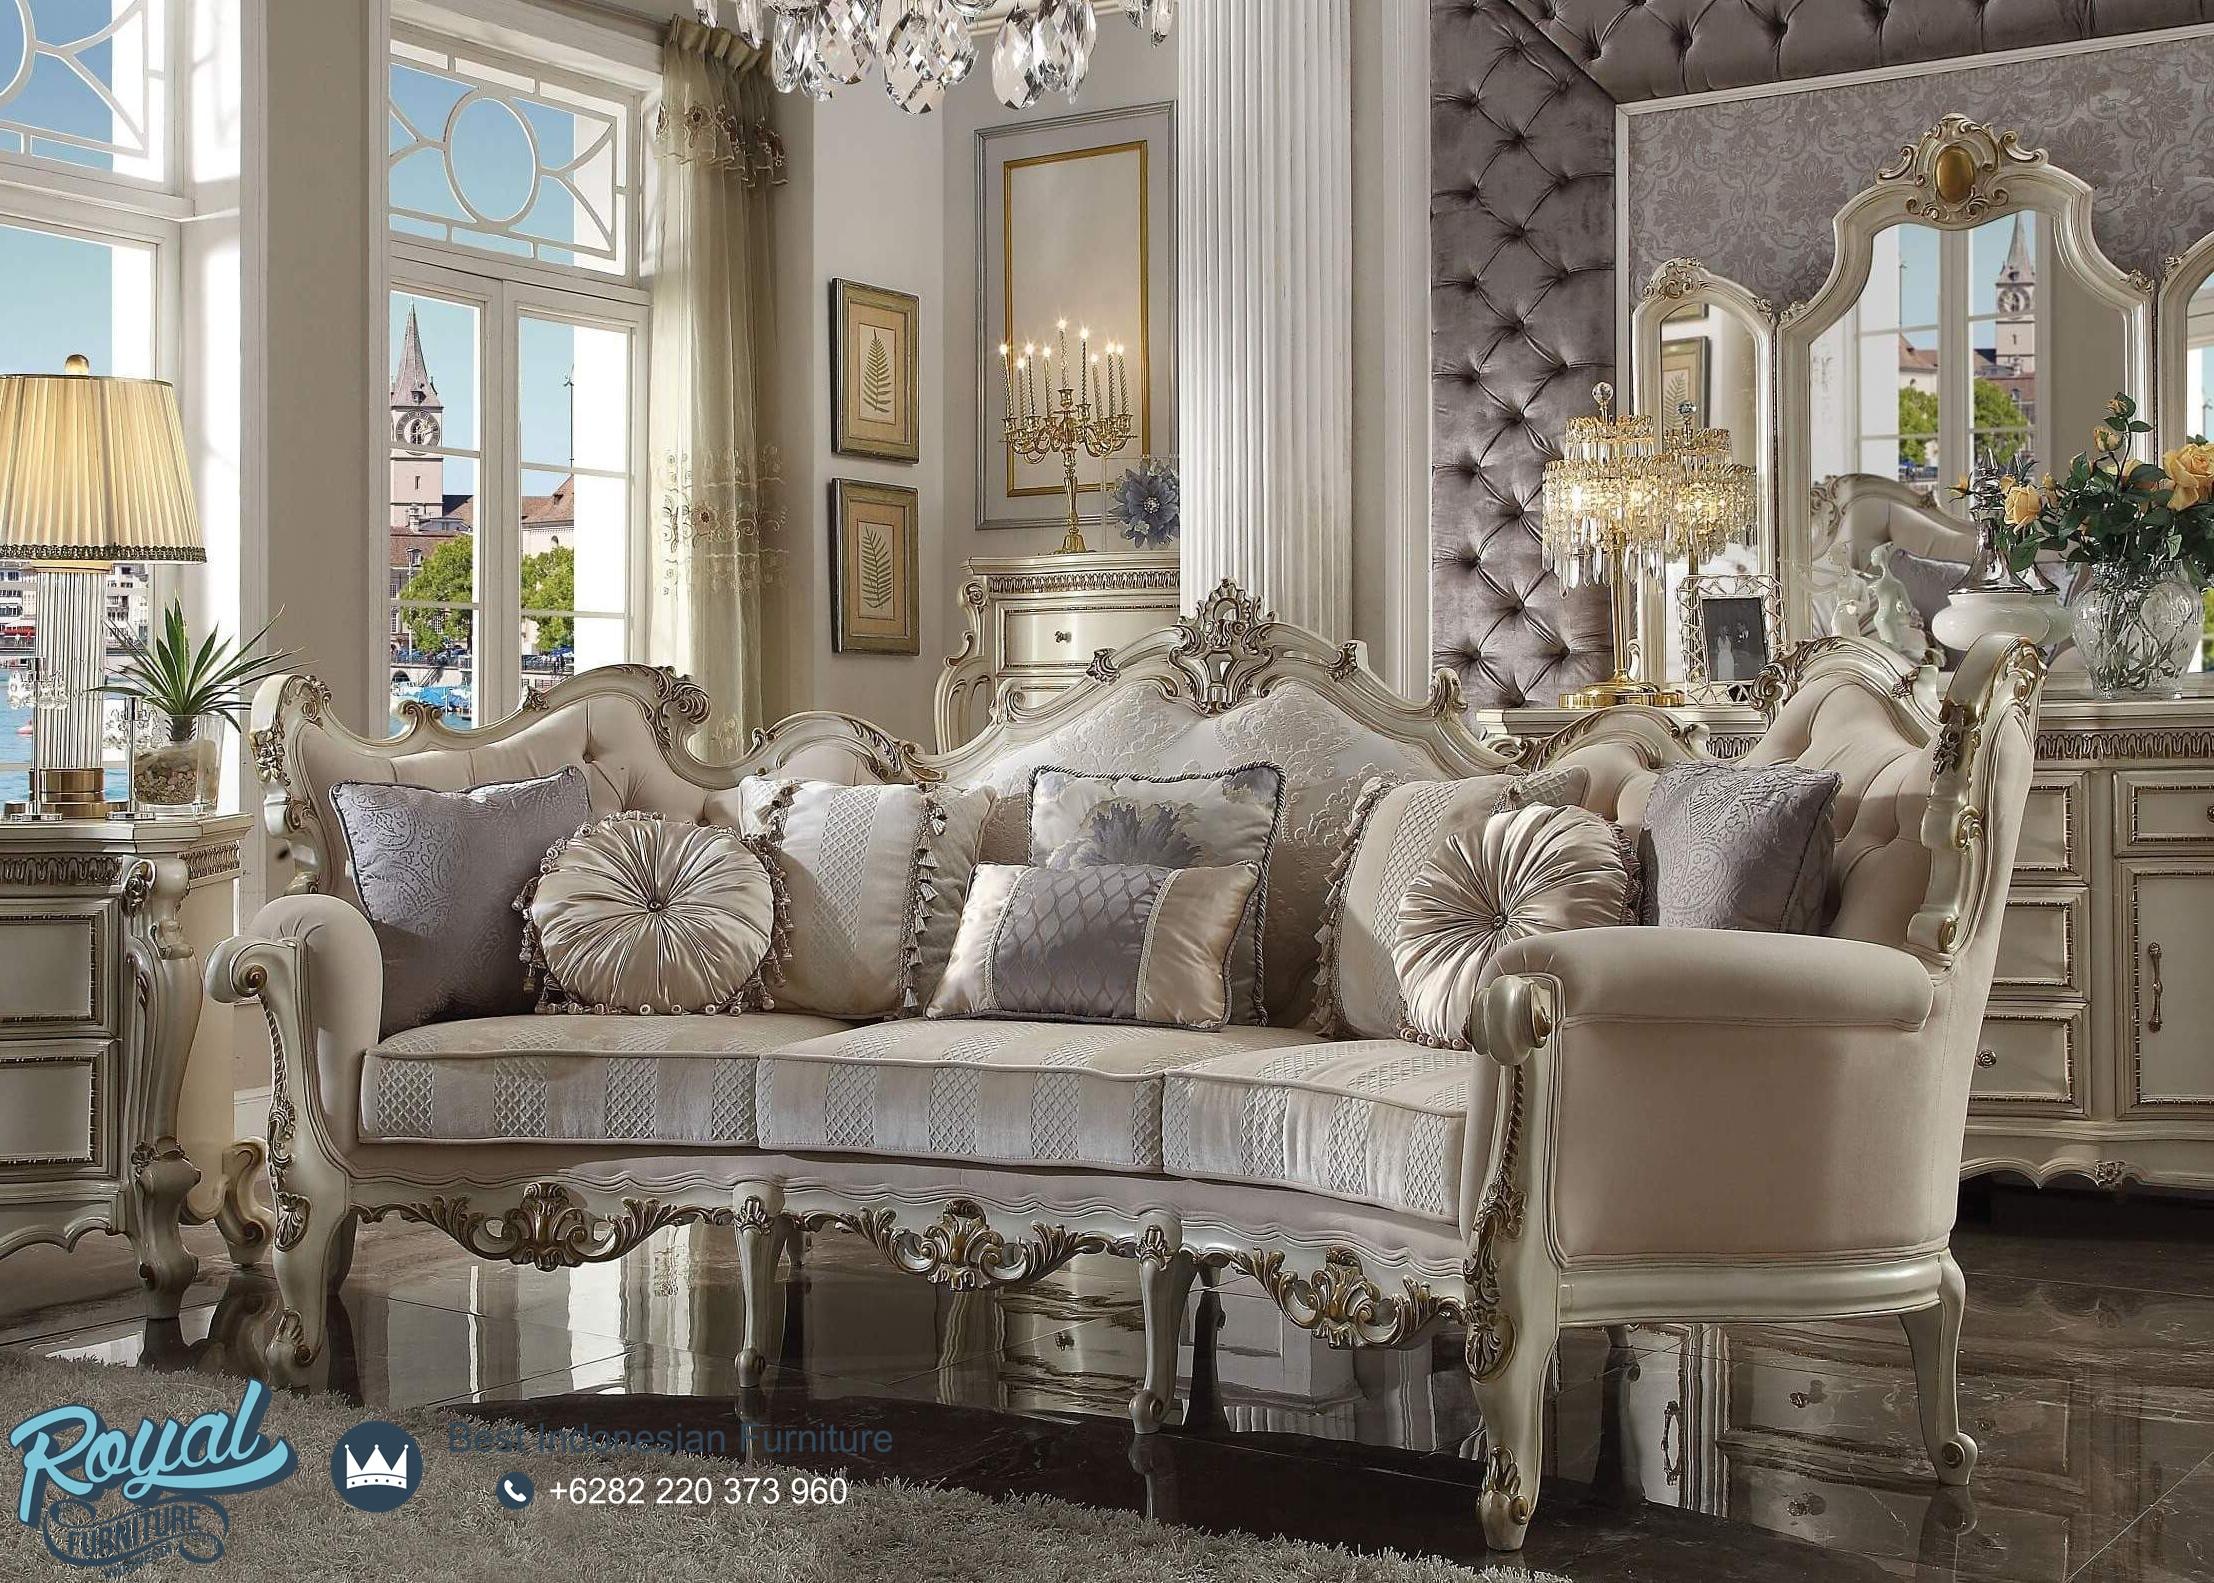 Sofa Tamu Mewah Modern Ukir Jepara Terbaru Antique Pearl, kursi tamu mewah modern, kursi tamu mewah elegan, kursi tamu mewah jati terbaru, sofa tamu mewah terbaru, desain sofa ruang tamu mewah modern, sofa mewah murah, sofa mewah minimalis, sofa mewah kulit asli, model sofa mewah terbaru, model sofa mewah elegan, sofa tamu ukir jepara, sofa tamu jepara terbaru mewah, sofa tamu jepara terbaru, sofa tamu jepara minimalis, sofa tamu jepara warna putih duco, sofa ruang tamu jepara, sofa tamu jati jepara, kursi sofa tamu jepara, sofa tamu ukiran jepara, harga sofa tamu jepara murah, sofa jepara, harga sofa tamu jepara, sofa mewah, sofa kayu jati ukir, kursi tamu jepara terbaru, furniture mewah, furniture kayu jati, furniture kayu, mebel minimalis, jati jepara,jepara furniture, mebel jati jepara, ukir jepara, mebel jepara, royal furniture jepara